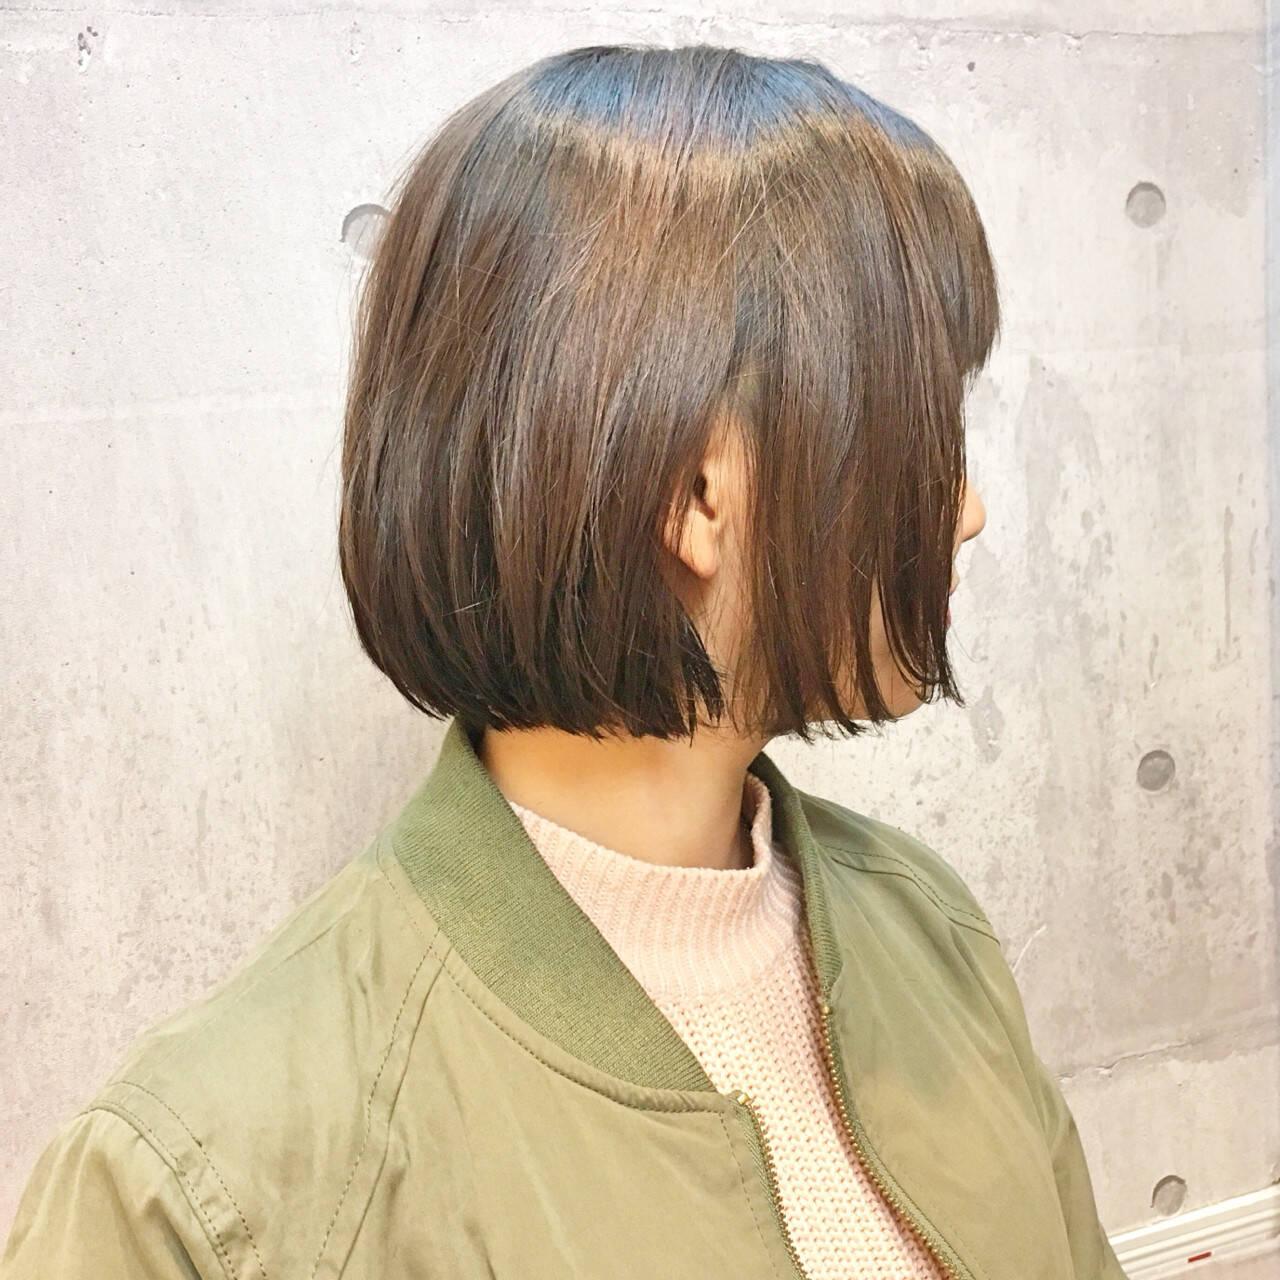 イルミナカラー ナチュラル 冬 ボブヘアスタイルや髪型の写真・画像